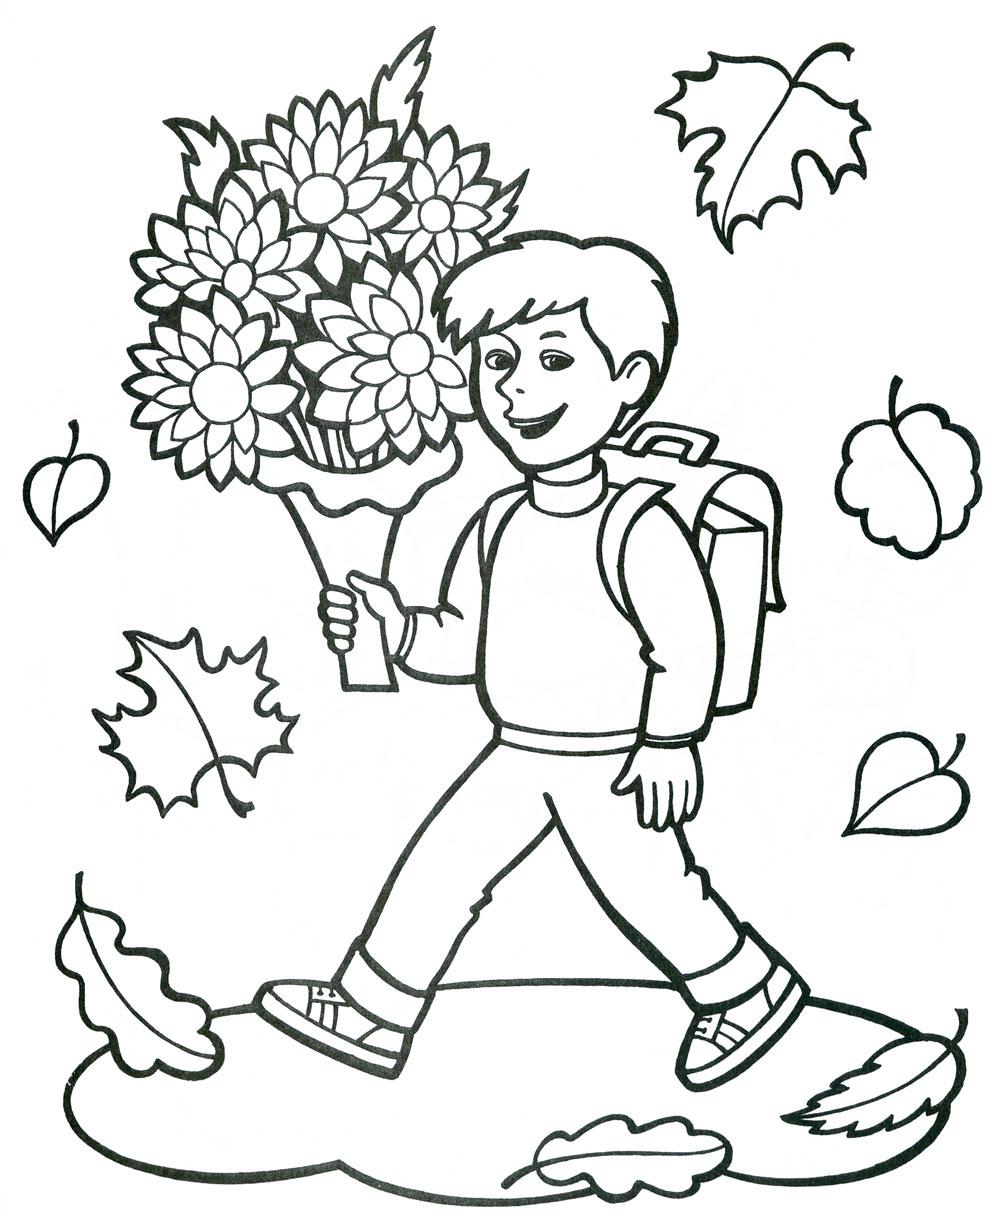 Раскраски с днём знаний. Праздничные раскраски для детей с 1 сентября. Бесплатные детские раскраски. Скачать бесплатные раскраски для детей. Раскраски детские онлайн бесплатно.  Бесплатные детские раскраски. Раскраски с днём знаний. Праздничные раскраски для детей с 1 сентября.